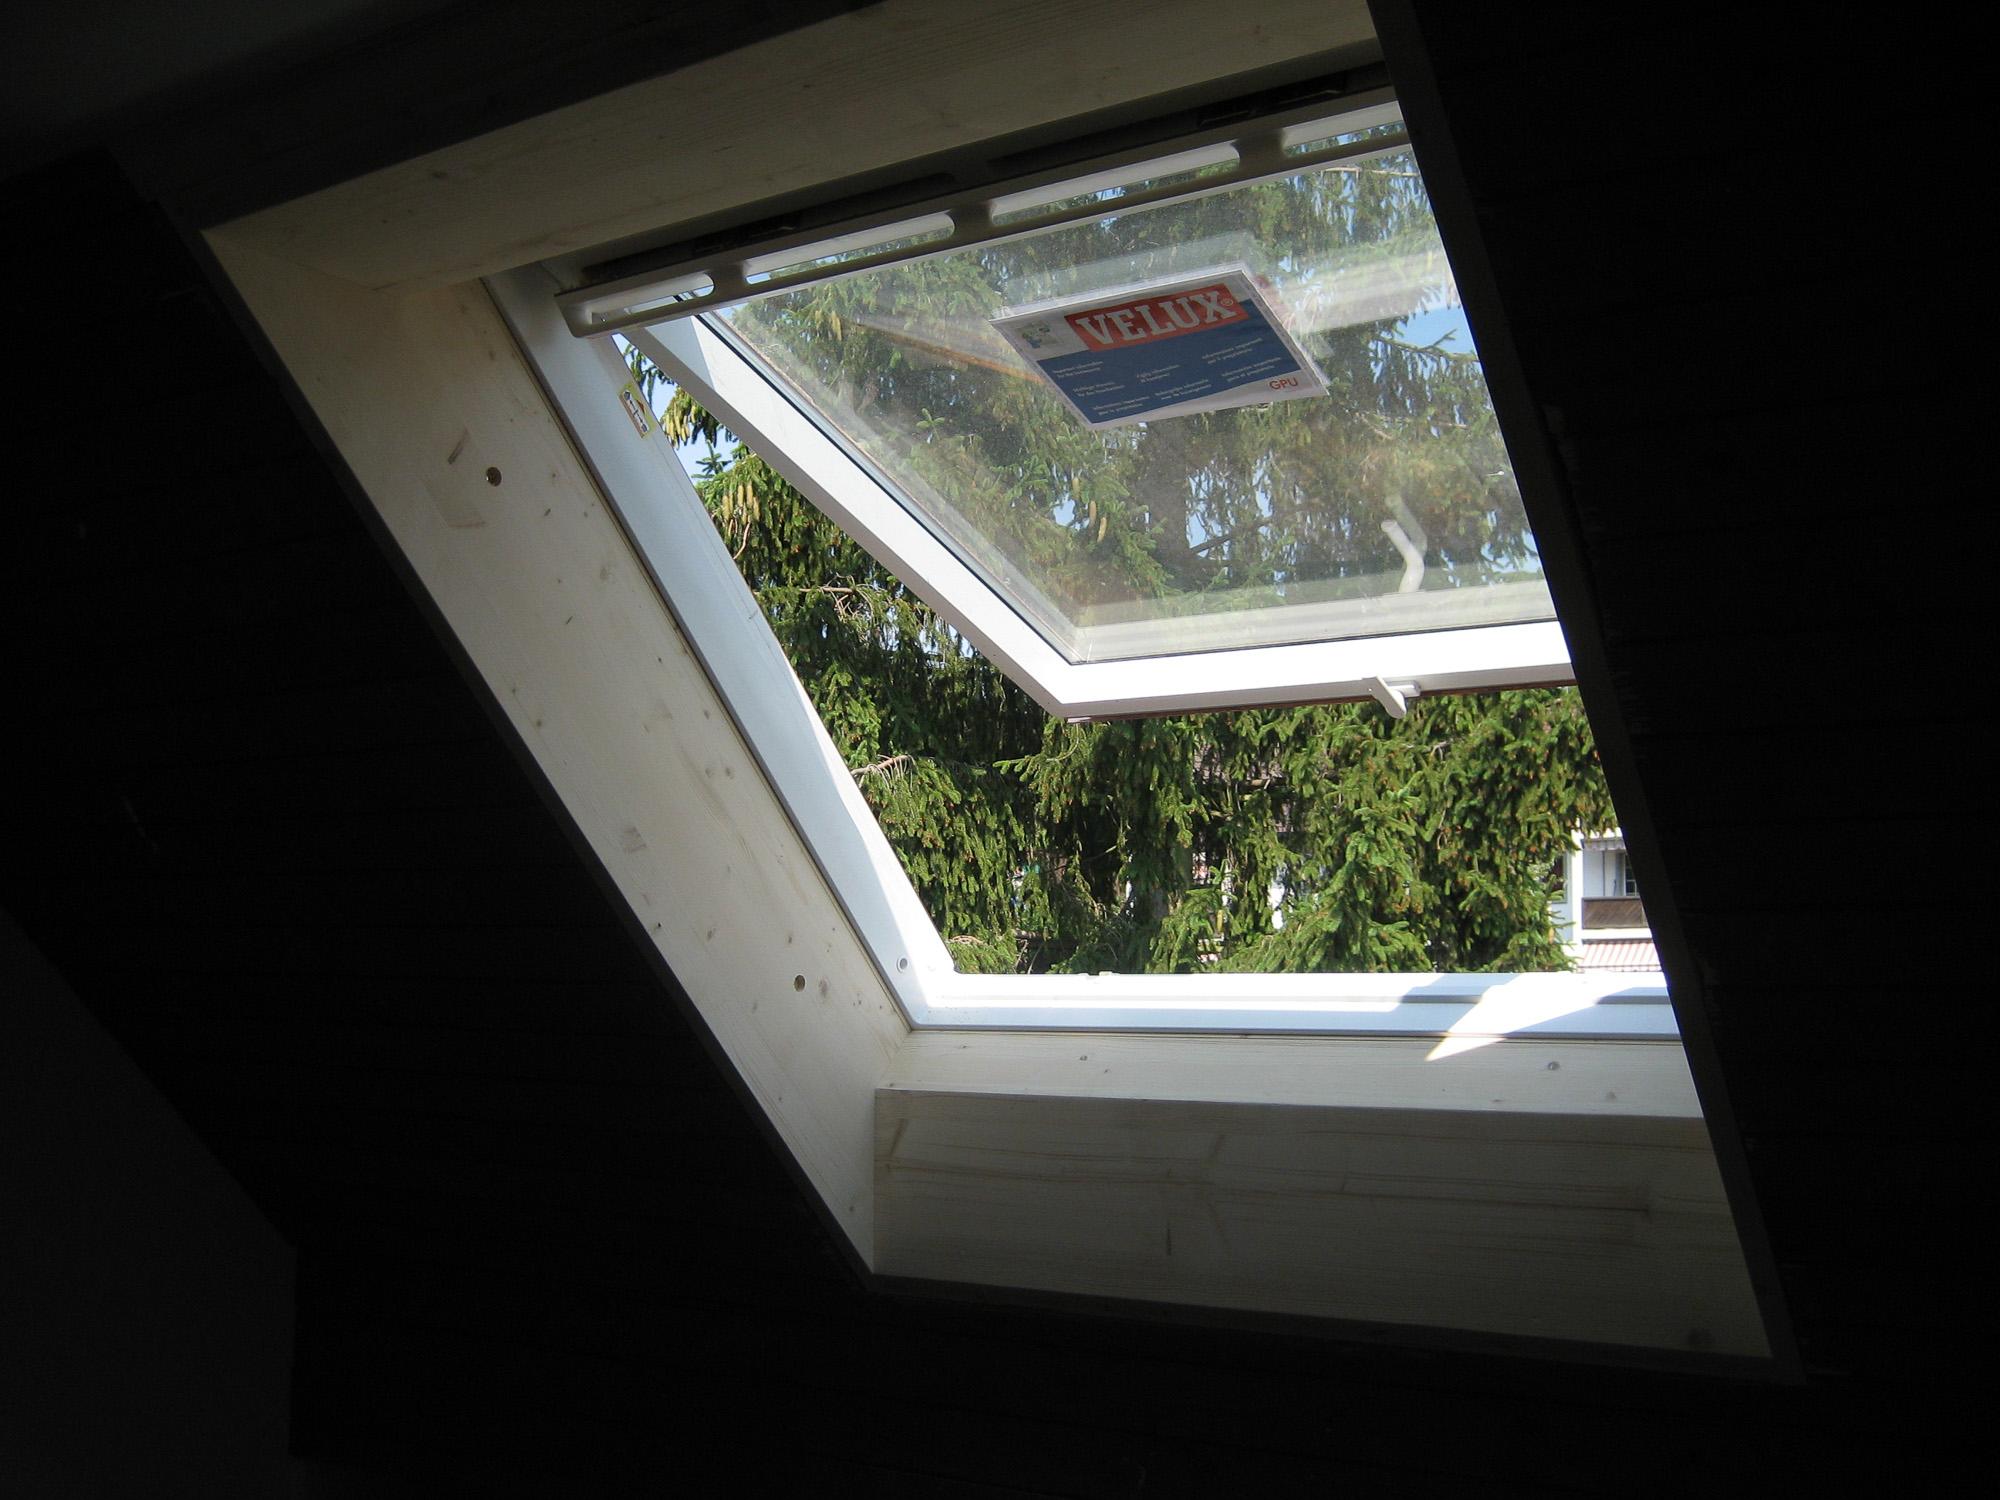 hausenbaur - dachfenster